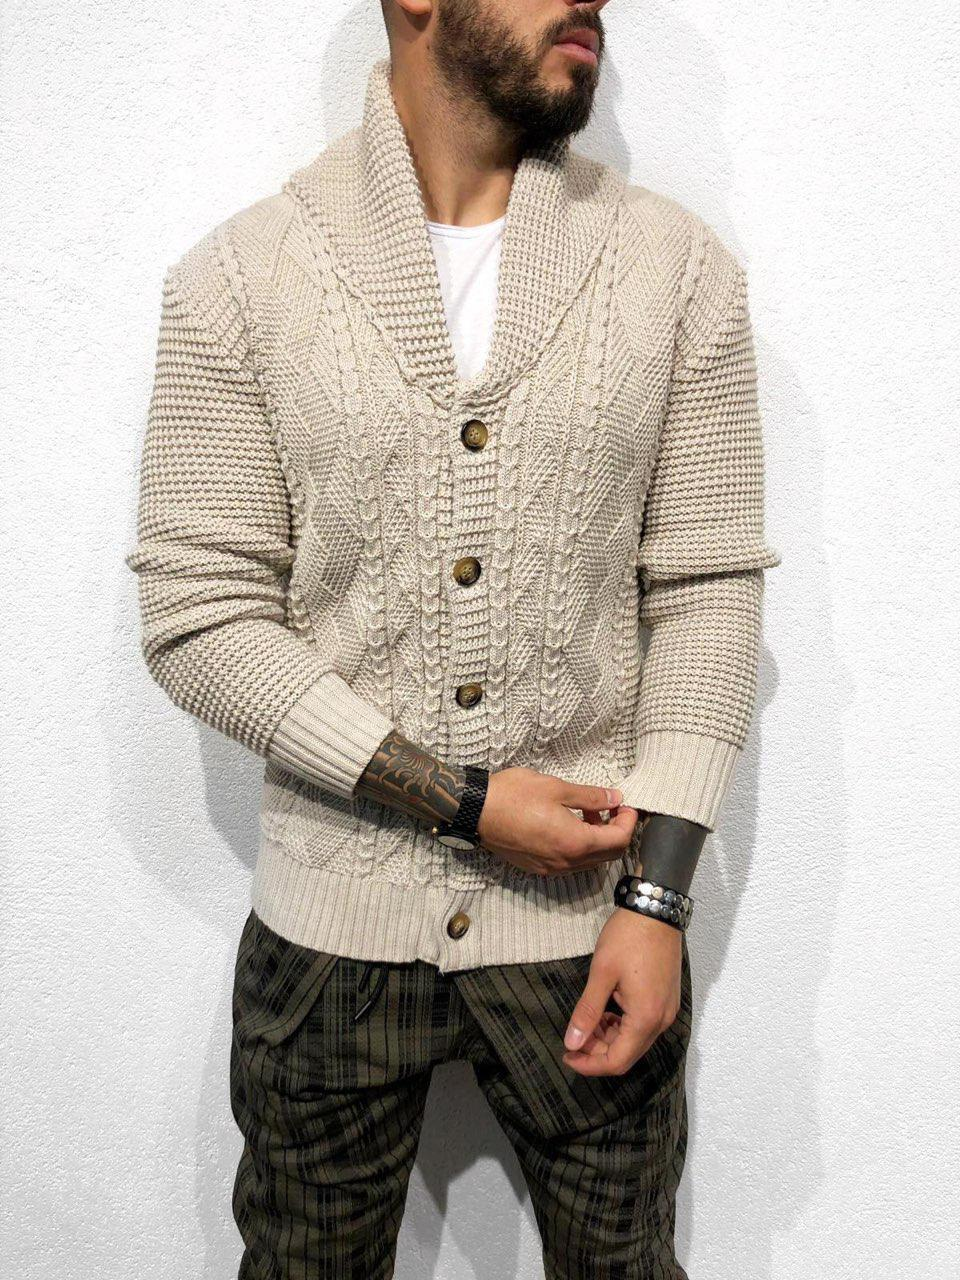 мужской вязаный кардиган бежевого цвета в категории свитеры и